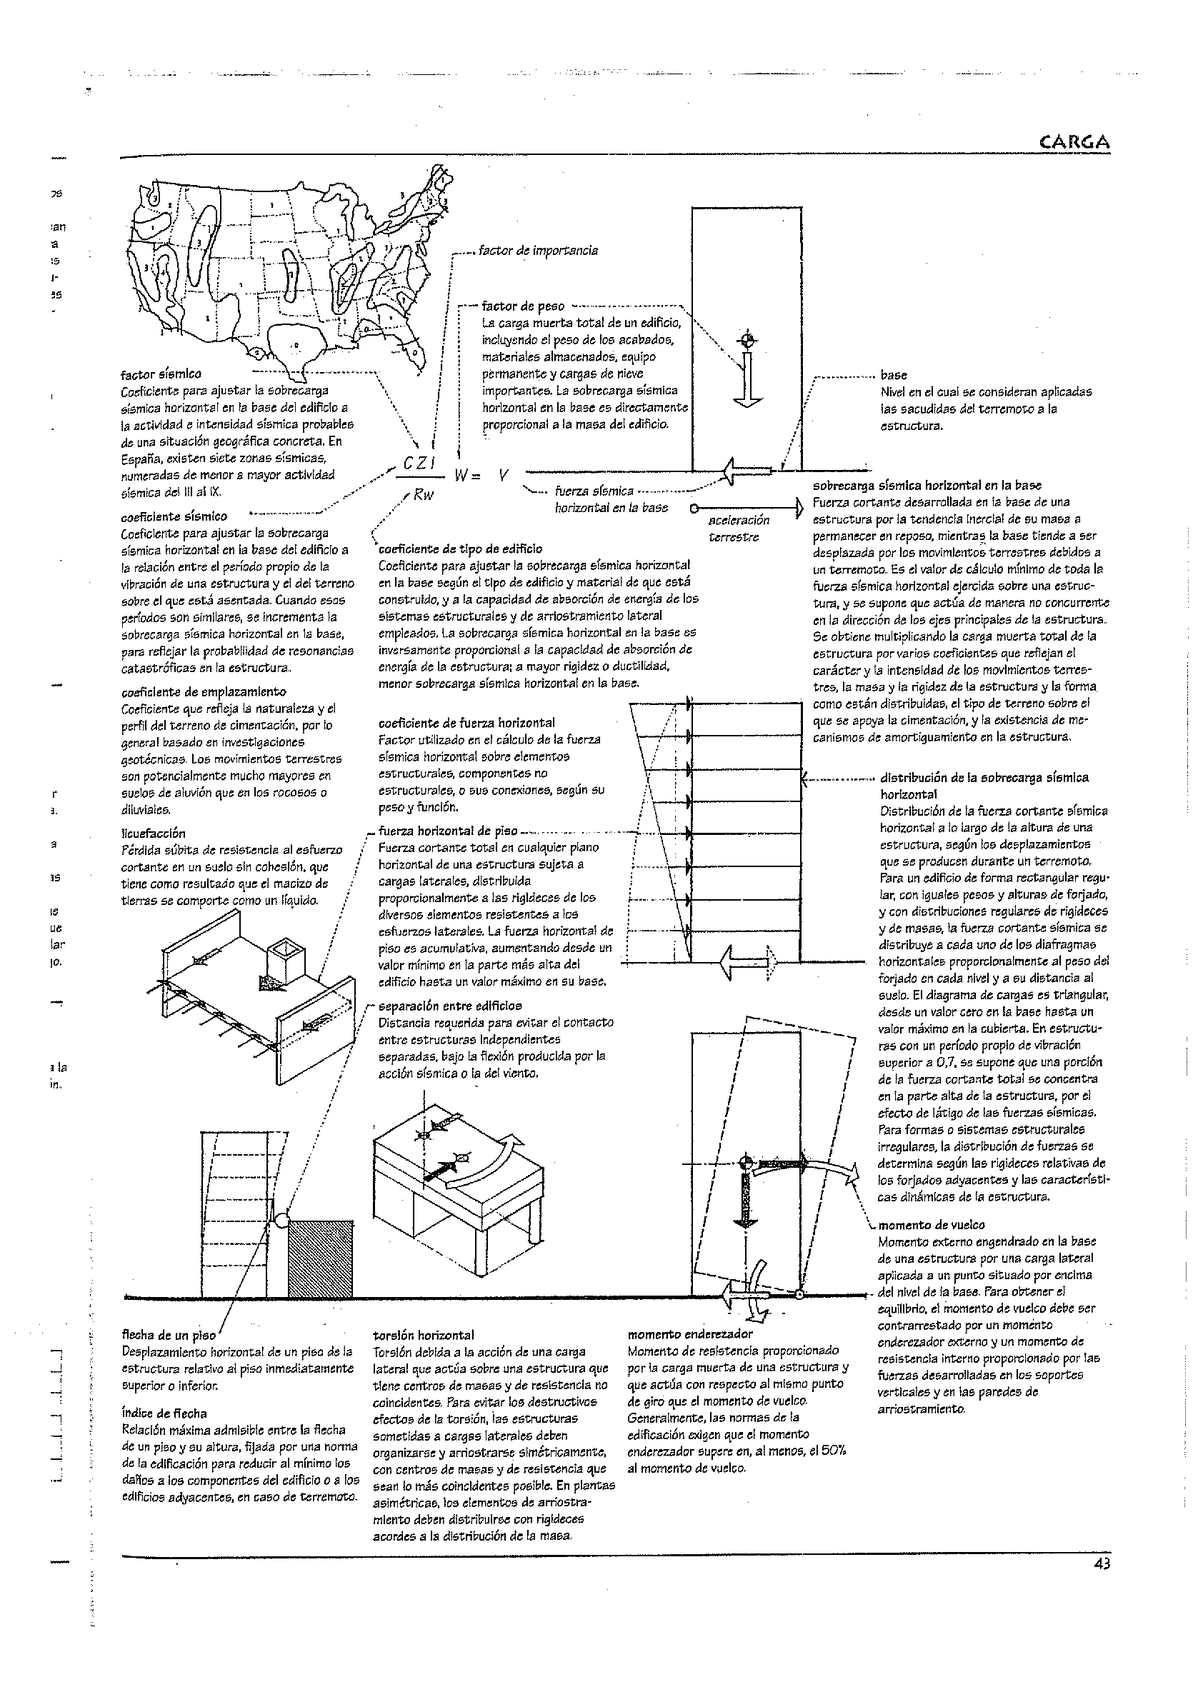 Diccionario visual de arquitectura francis d k ching pdf for Diccionario de arquitectura pdf